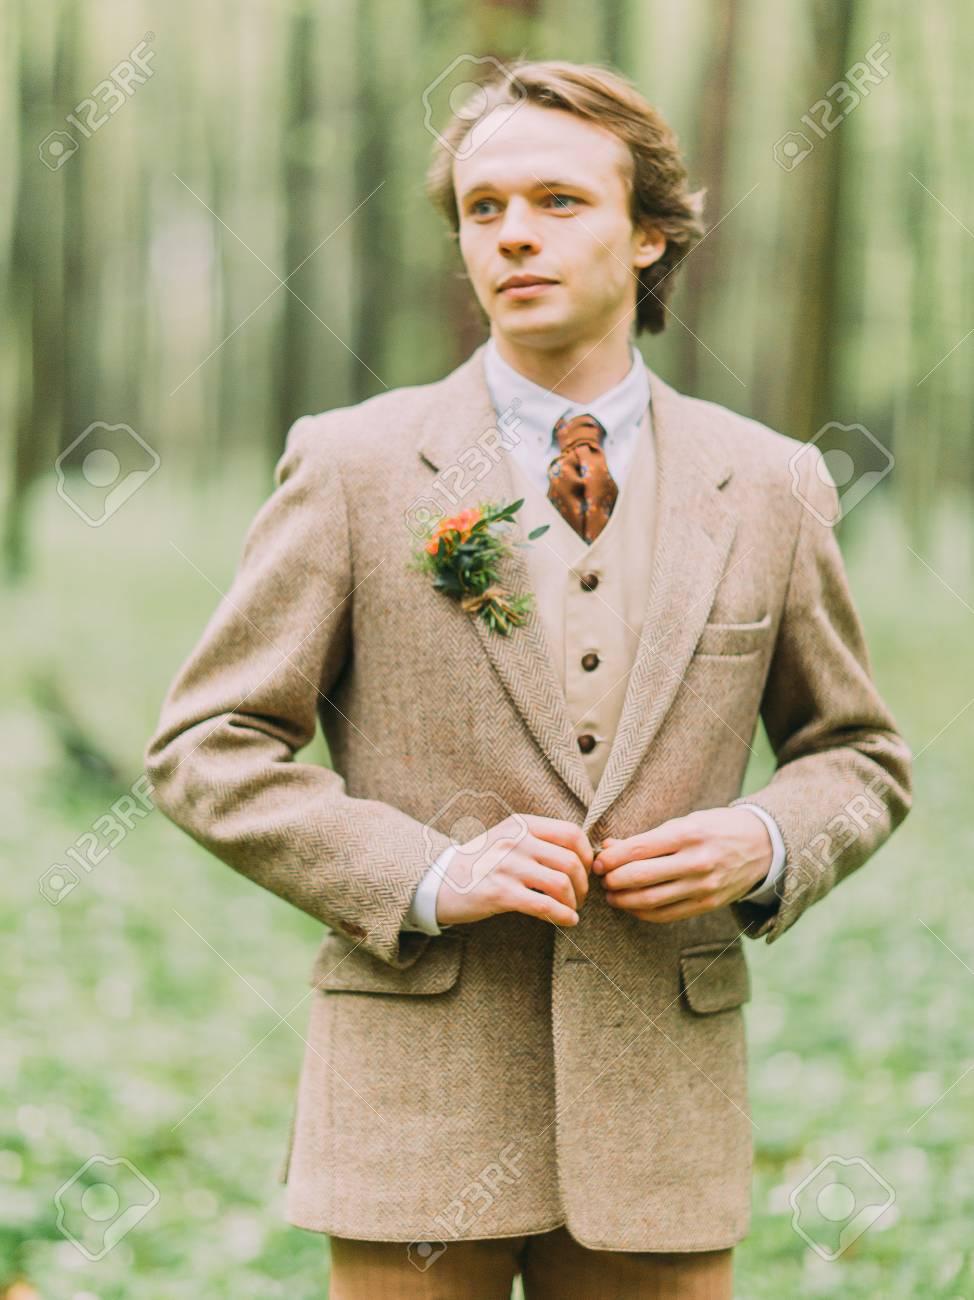 Il ritratto dell'uomo biondo bello nel vestito dell'annata è l'abbottonatura di una giacca d'oca decorata con il mini bouquet.